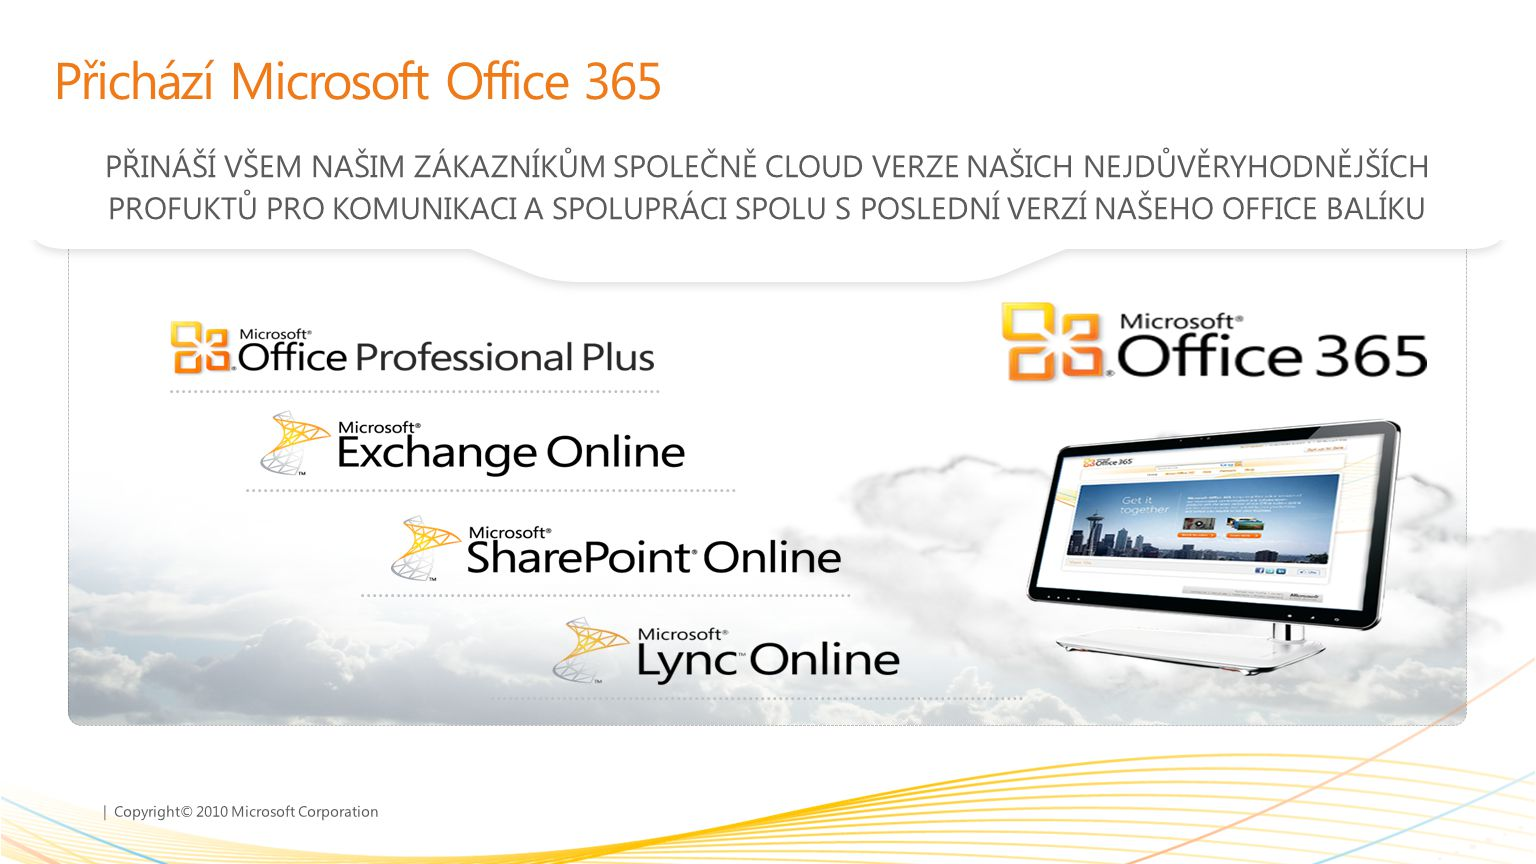 | Copyright© 2010 Microsoft Corporation Více informací http://www.office365.cz Zde máte také možnost si Office 365 jednoduše a rychle vyzkoušet (25 uživatelů na 30 dní)